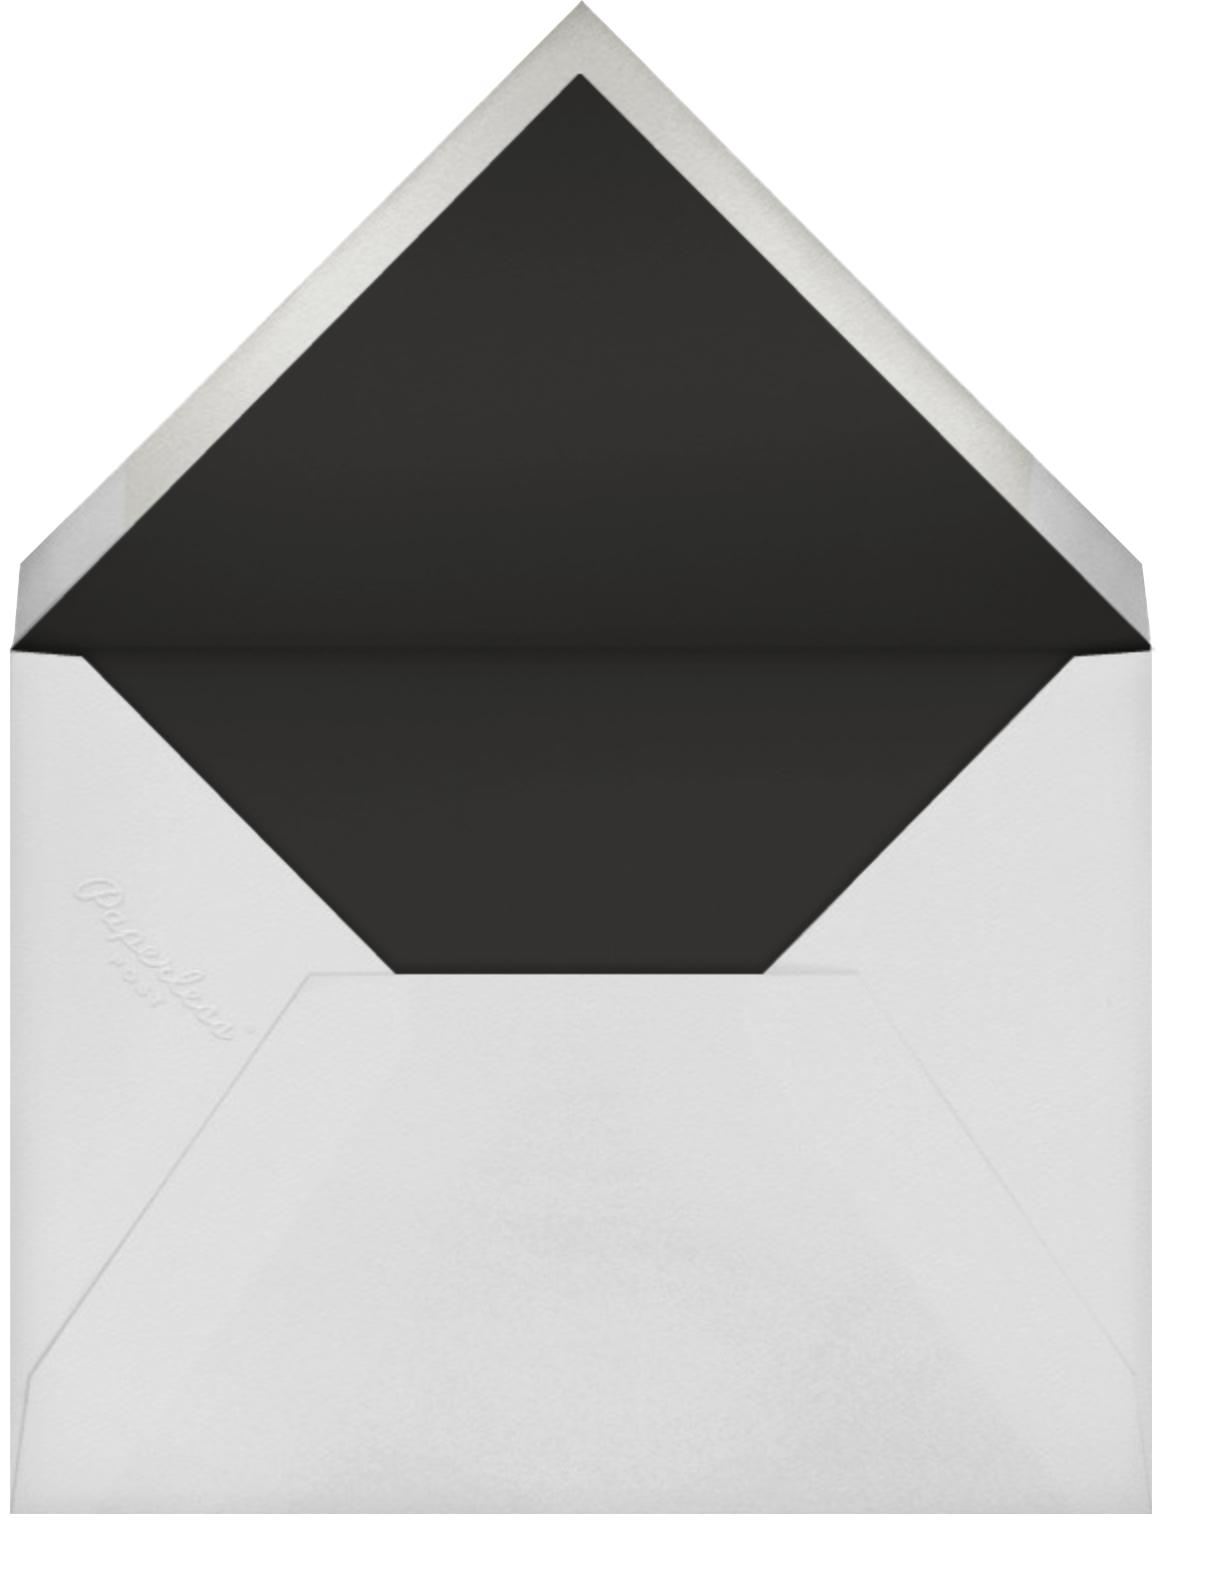 Liaison - Kelly Wearstler - All - envelope back